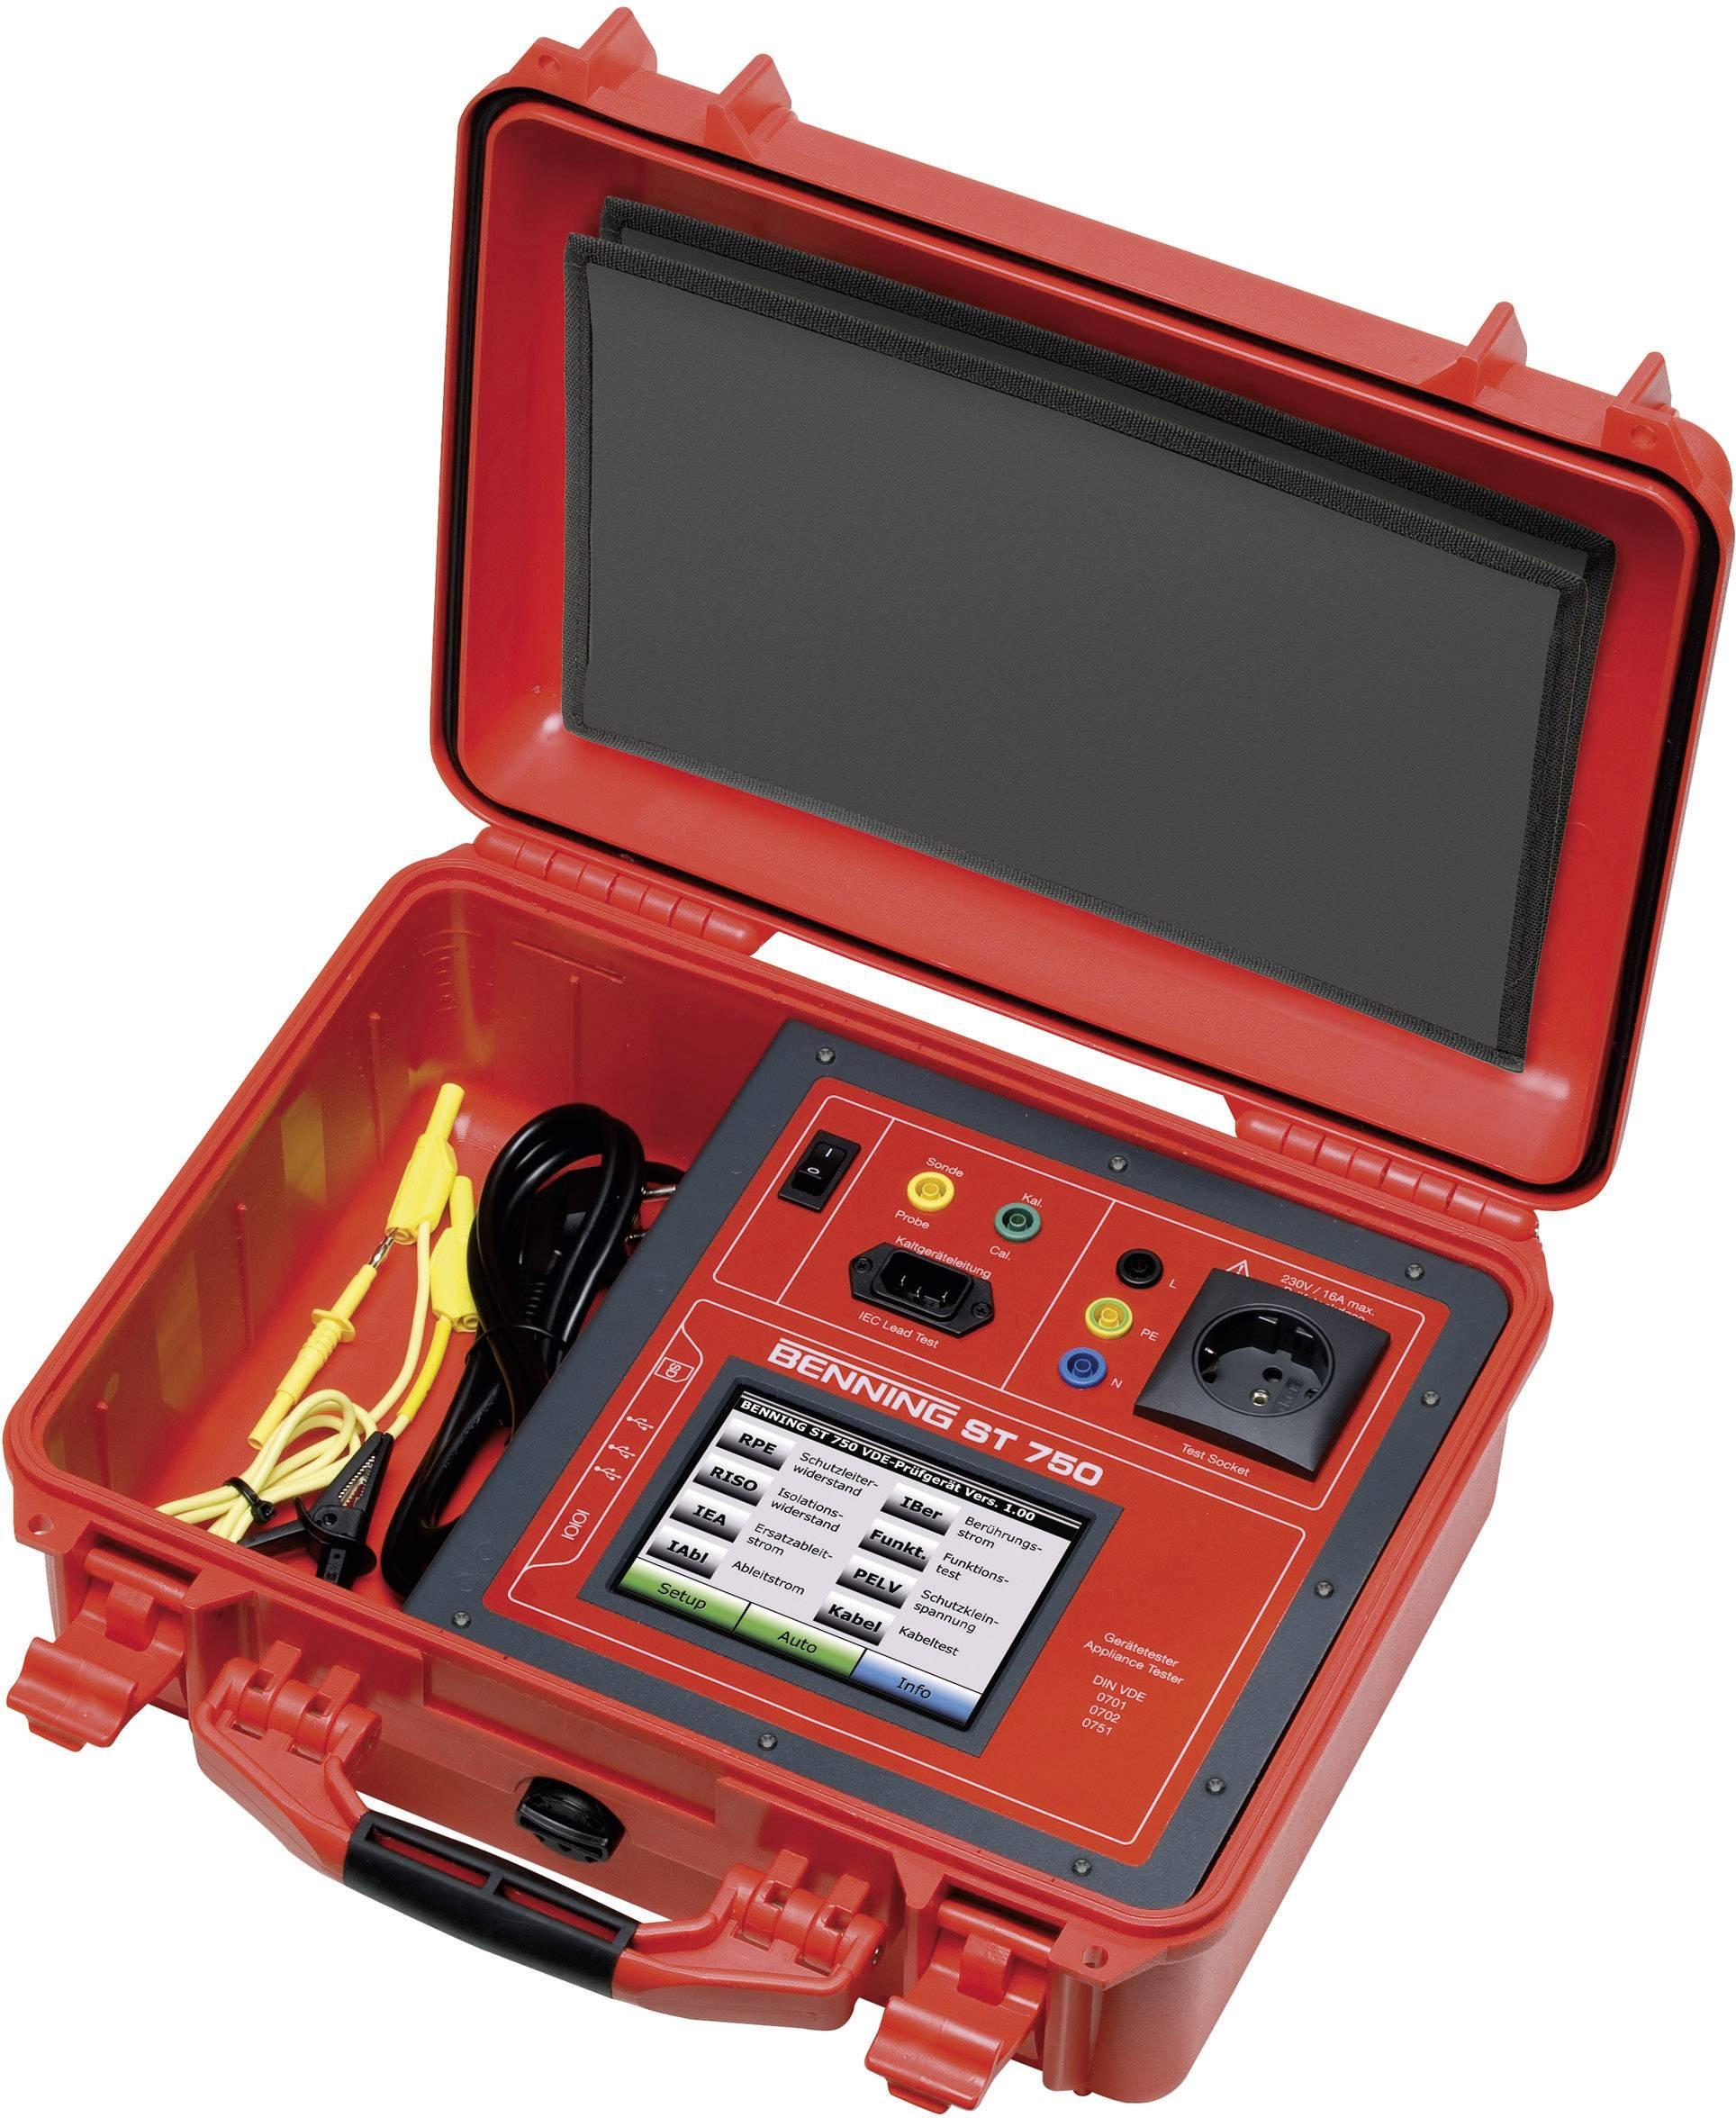 Sada VDE testeru Benning ST 750 A, 050321